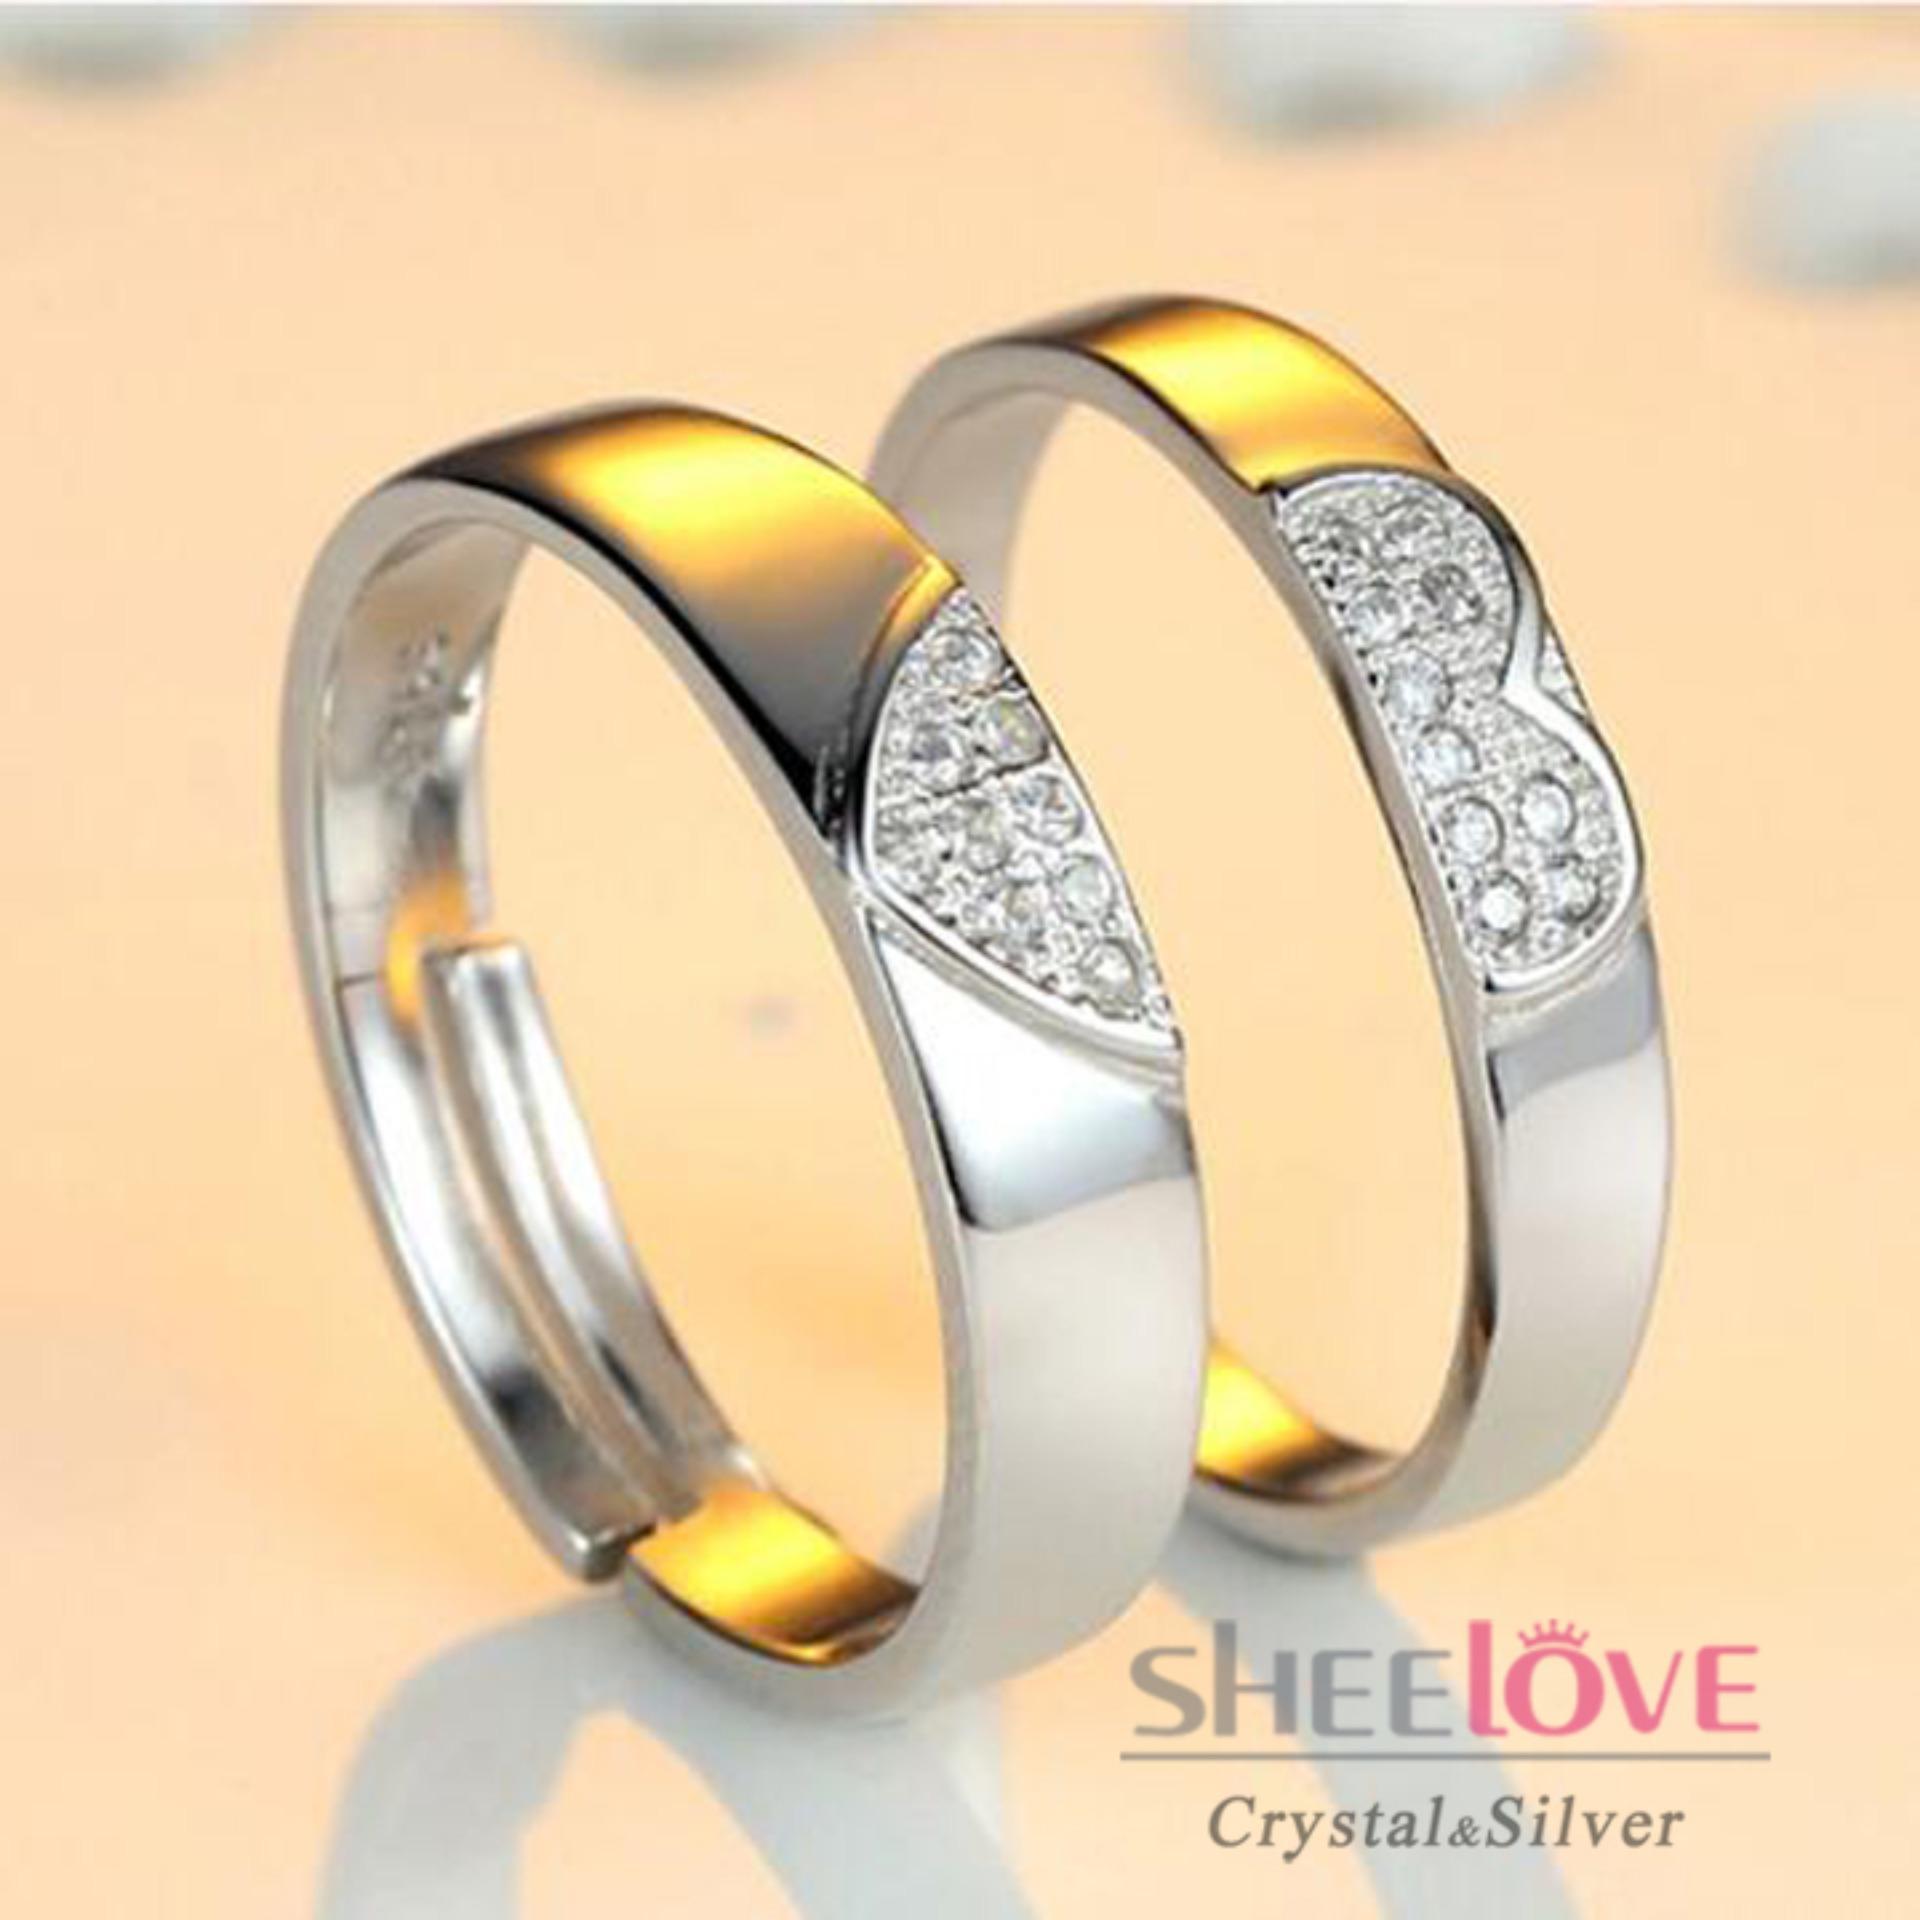 Nhẫn đôi Bạc S925 -30% Thời Trang Hàn Quốc Chất Lượng Cao Cấp Freesize Giá Sỉ Quà Tặng Hộp Đẹp đính đá Lấp Lánh Dễ Thương (1 Cặp 2 Chiếc) Bất Ngờ Giảm Giá